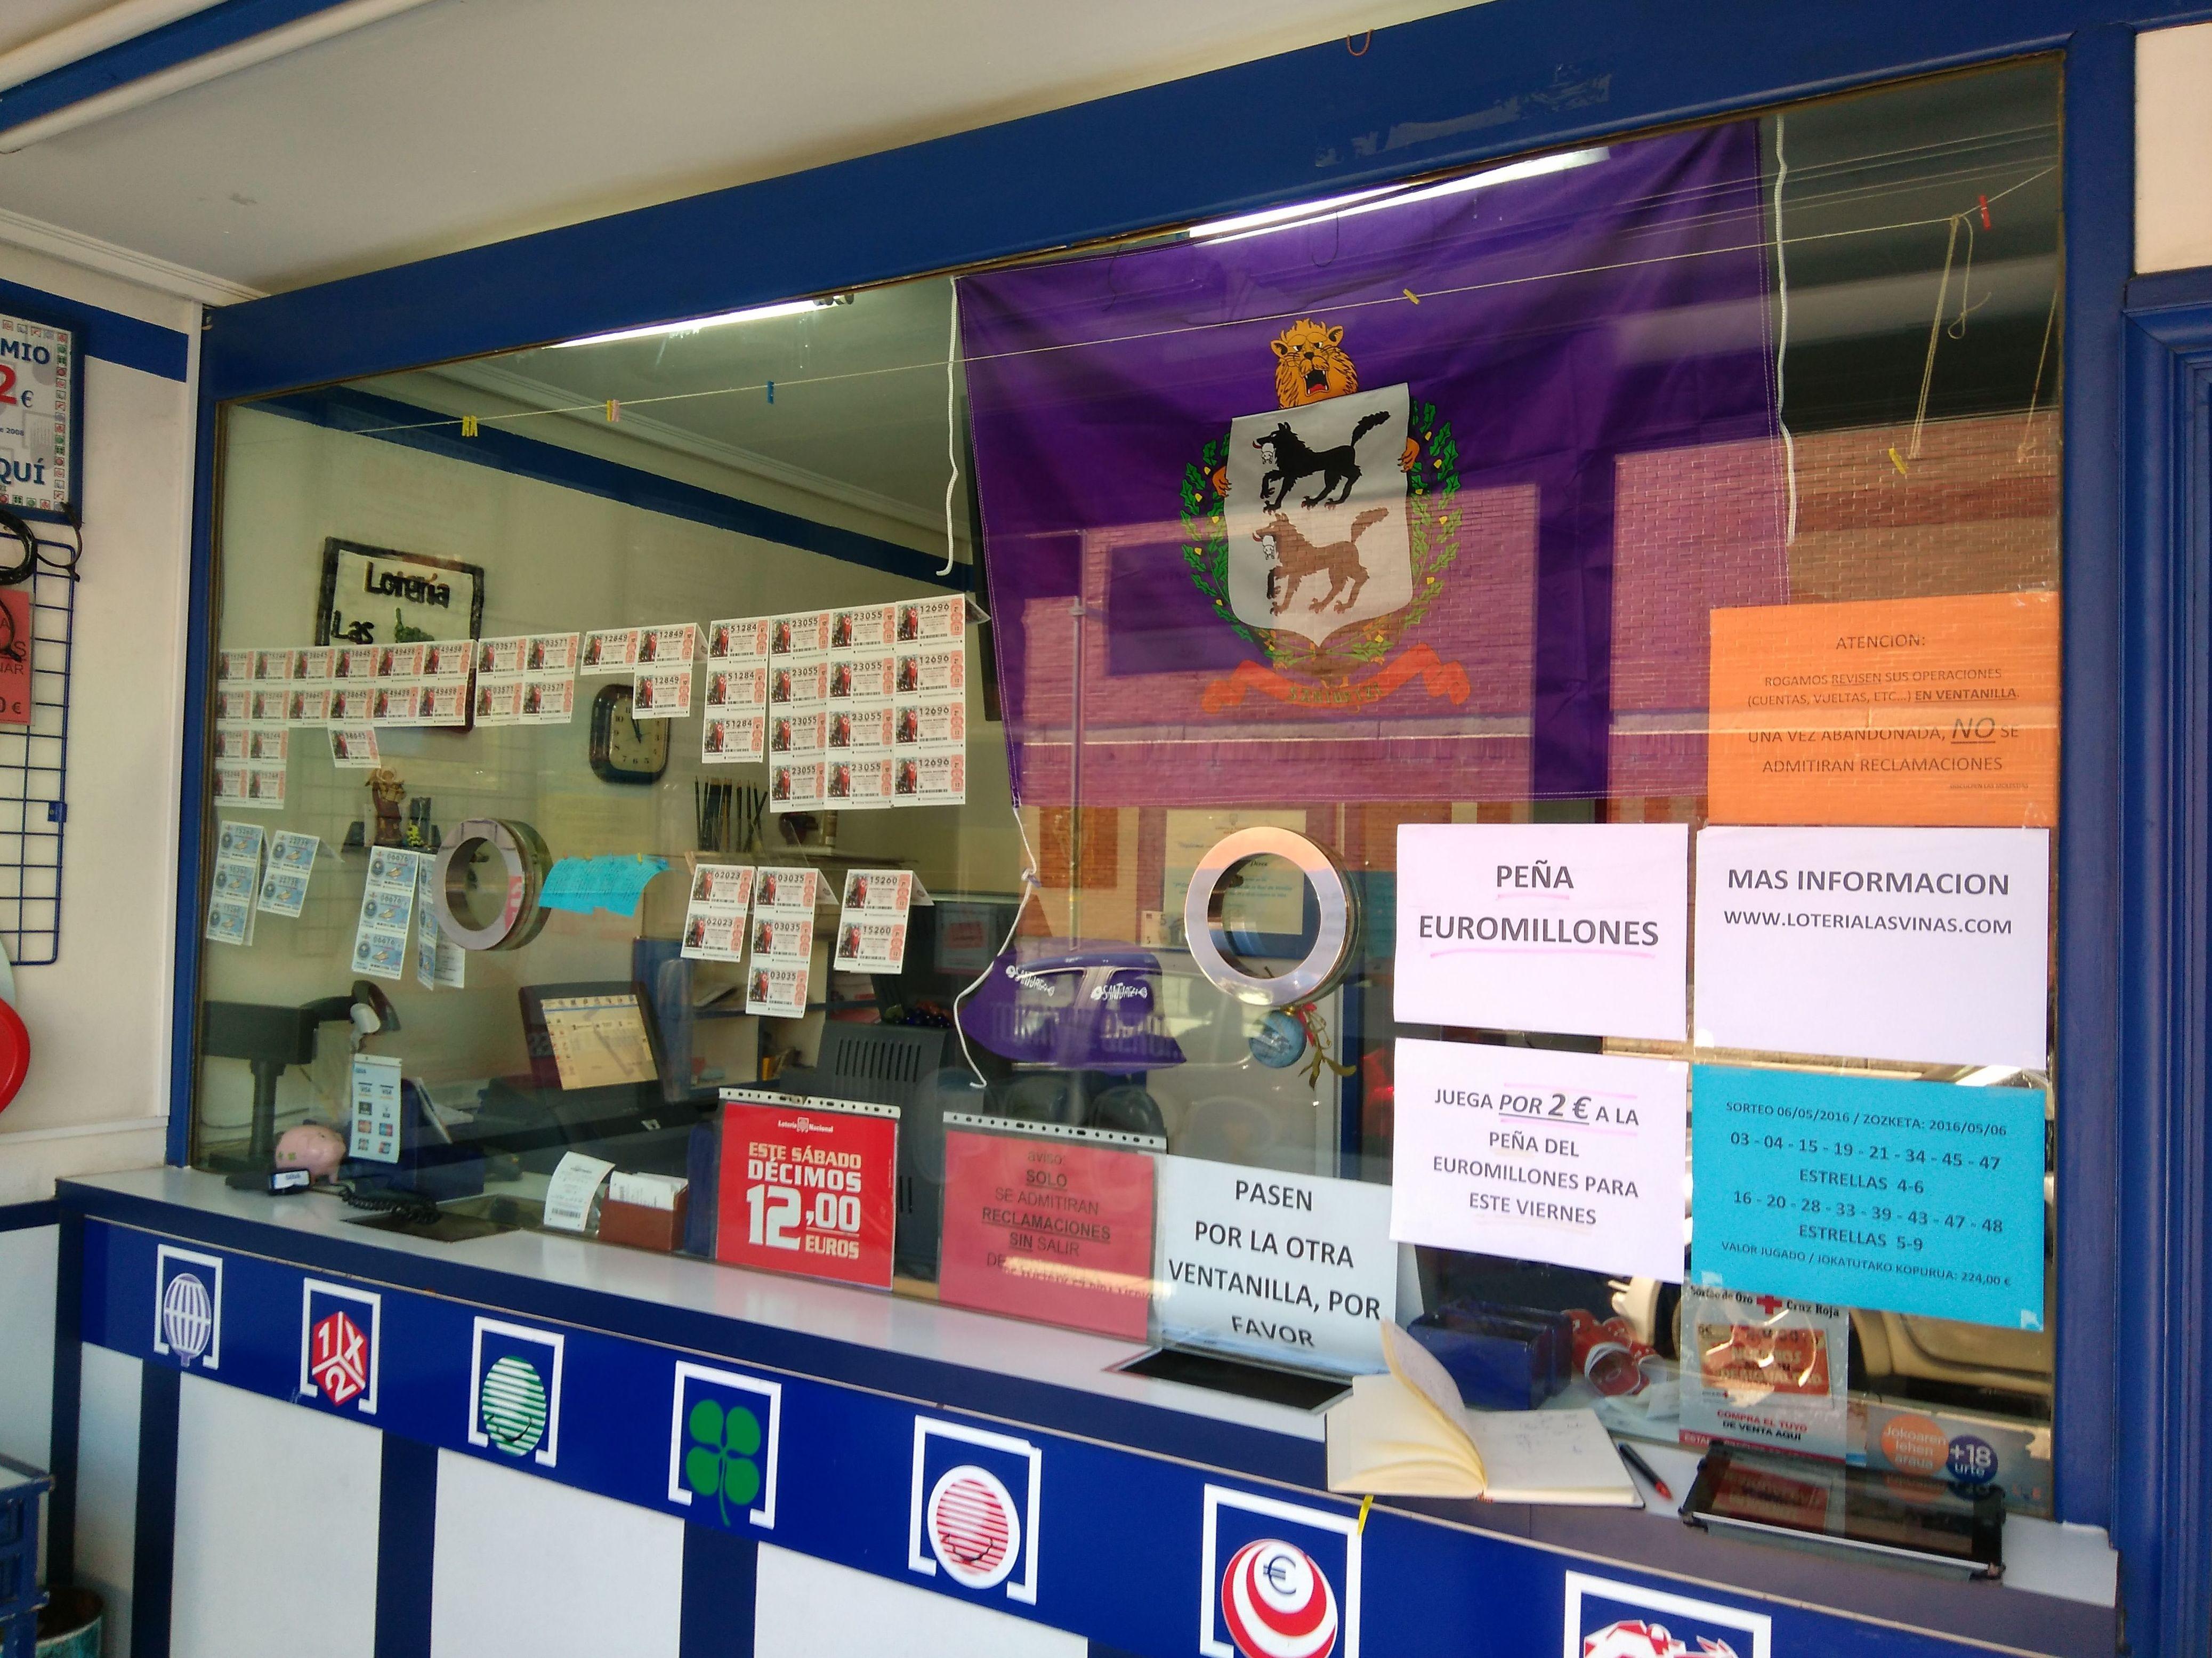 Administración de lotería en Santurtzi